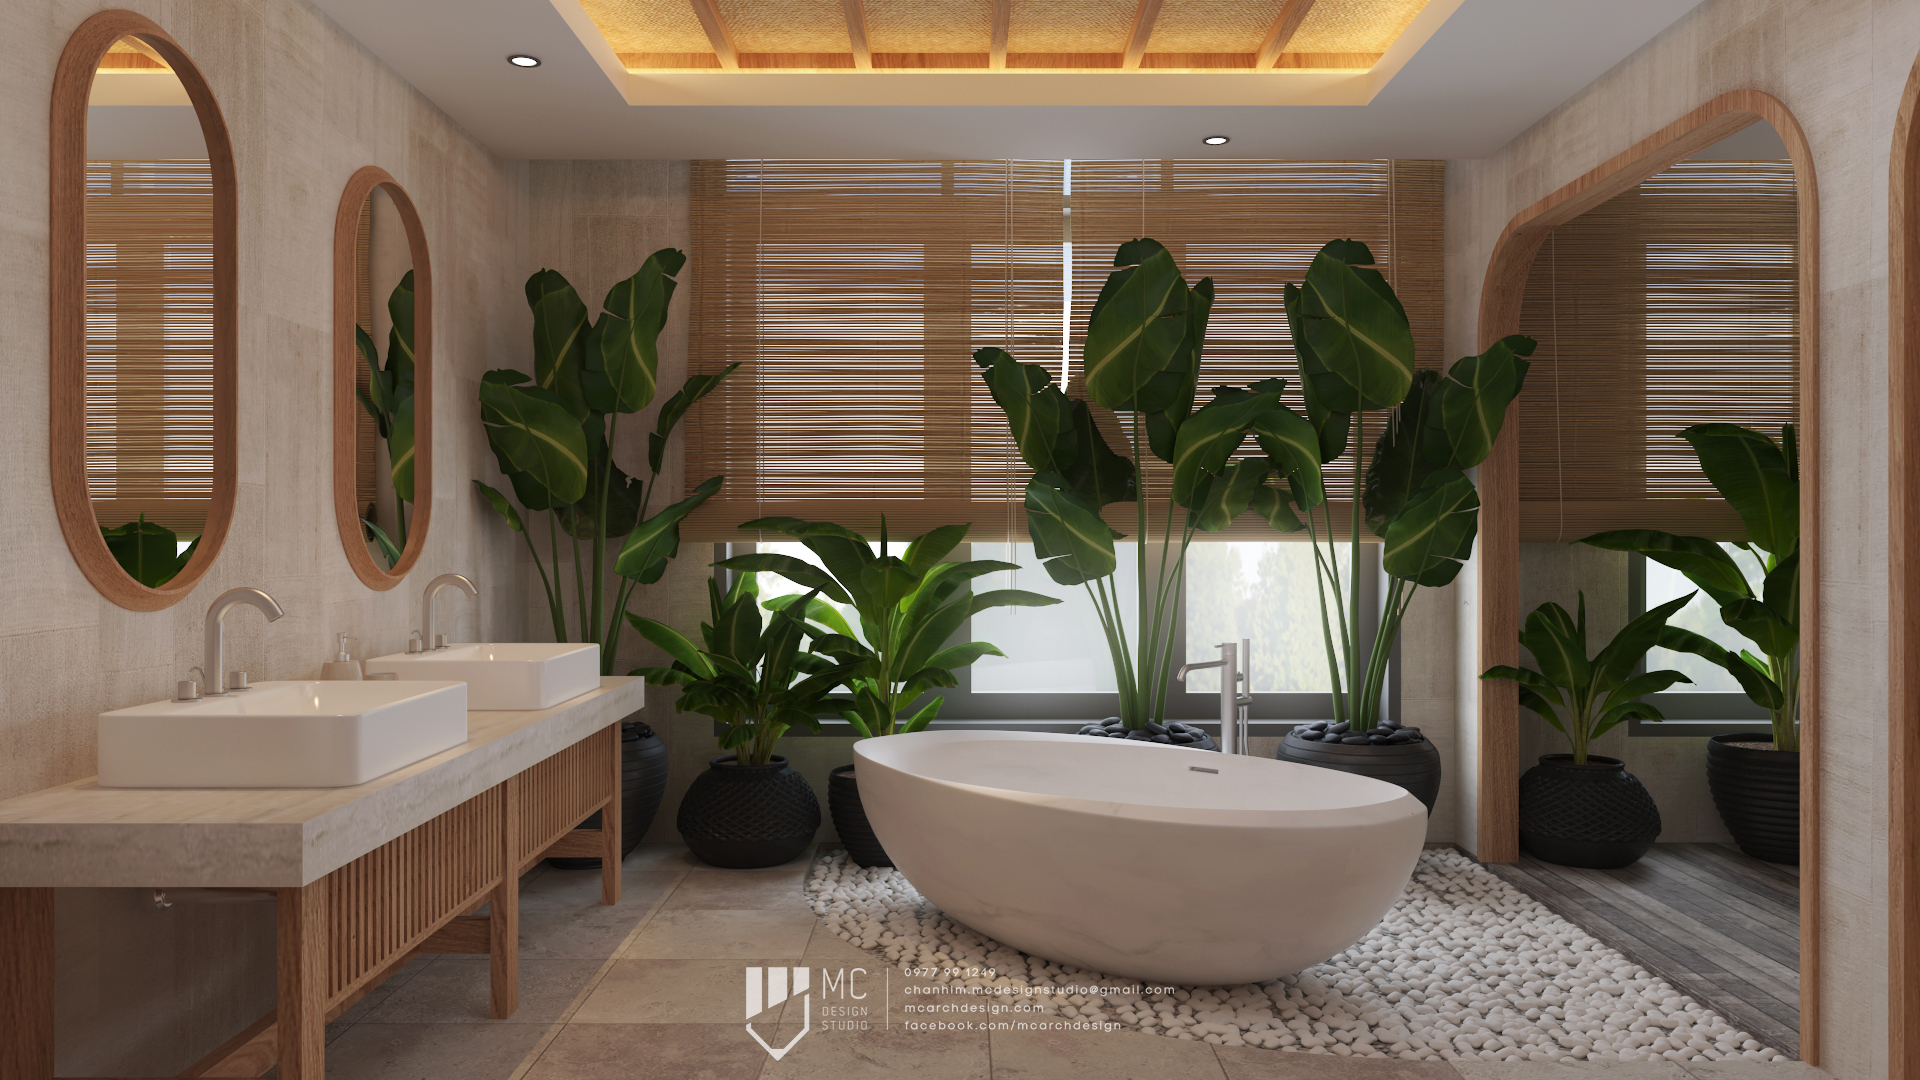 Thiết kế nội thất Biệt Thự tại Đắk Lắk BM House 1590741707 10